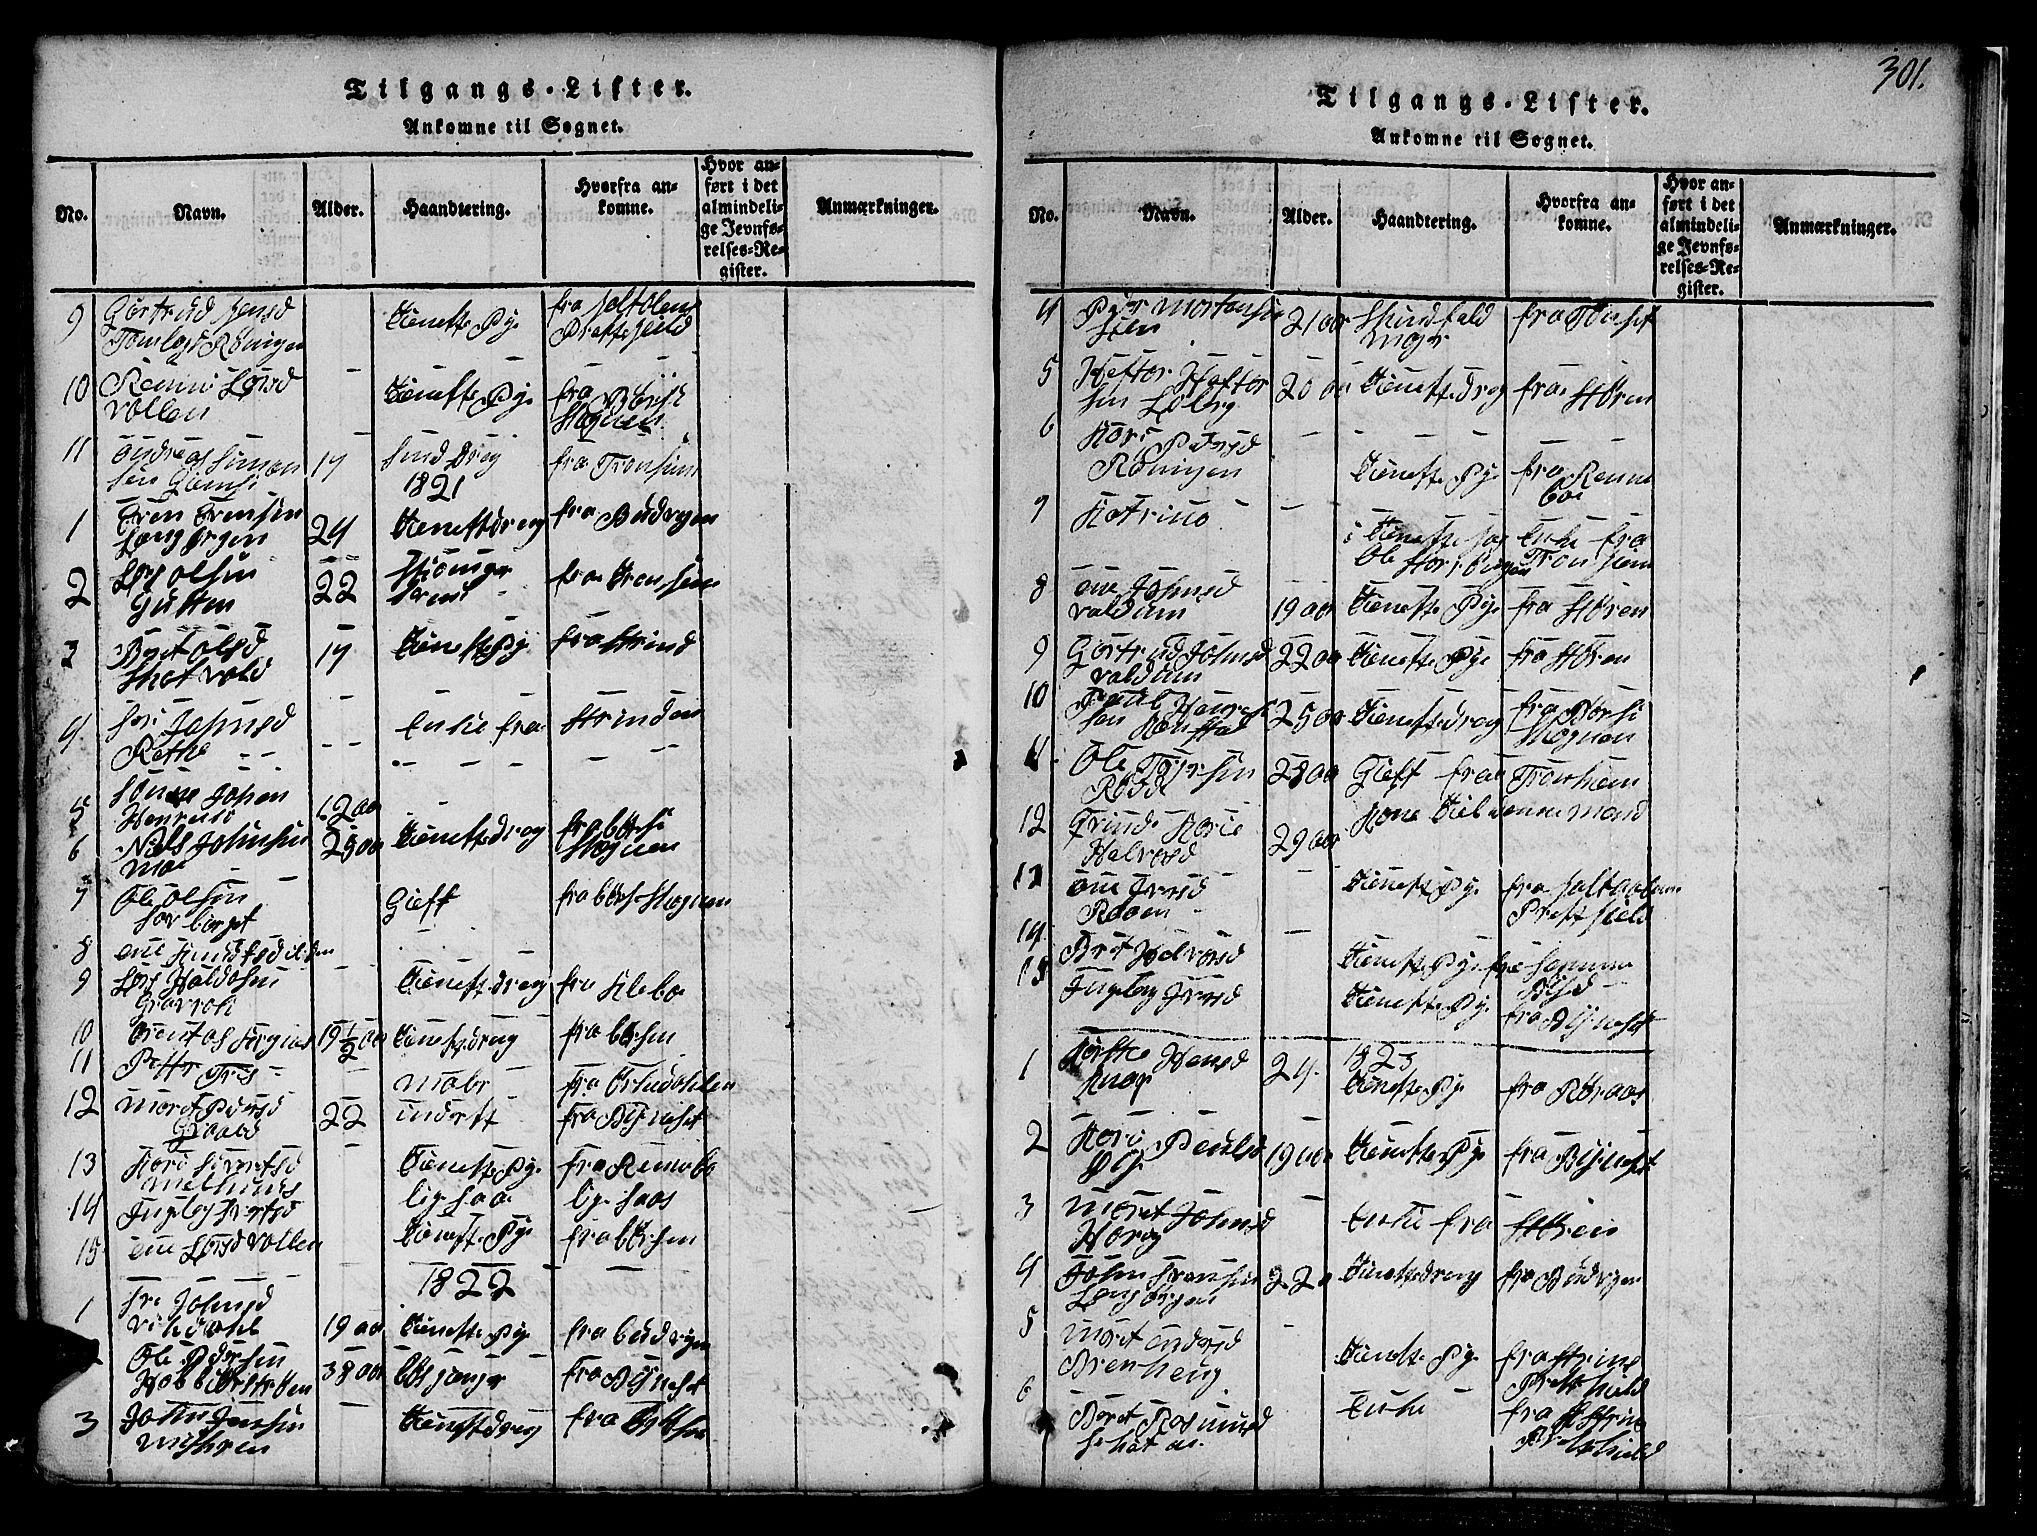 SAT, Ministerialprotokoller, klokkerbøker og fødselsregistre - Sør-Trøndelag, 691/L1092: Klokkerbok nr. 691C03, 1816-1852, s. 301